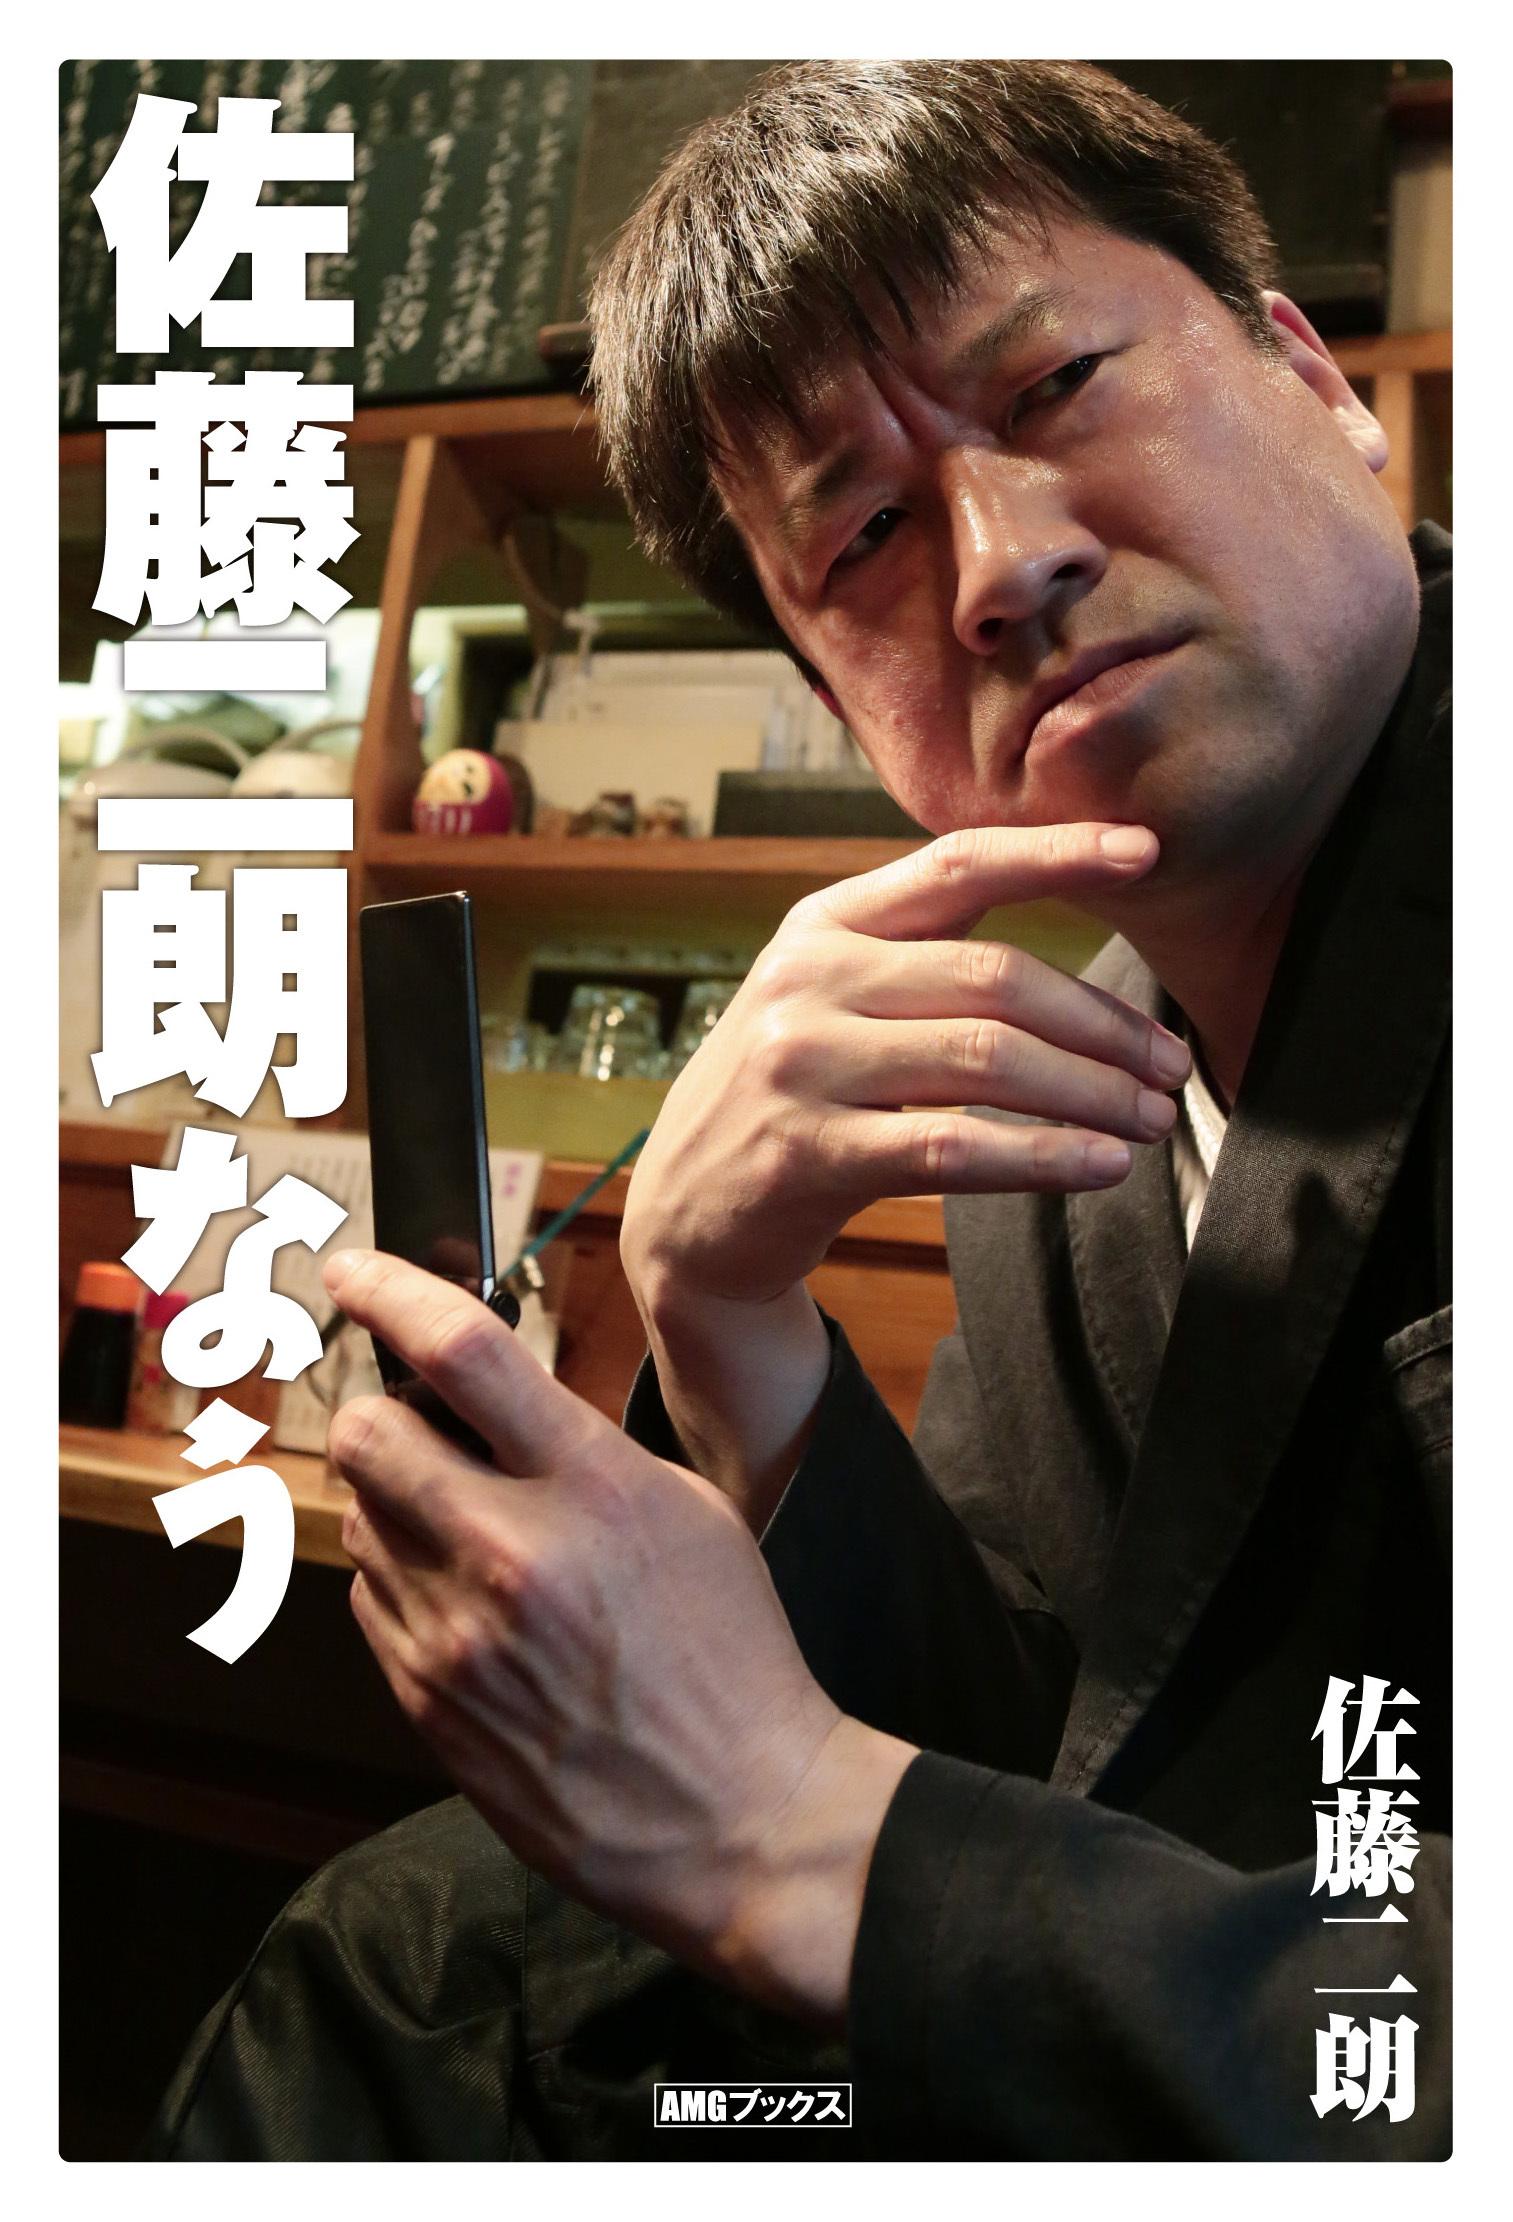 佐藤二朗の画像 p1_31